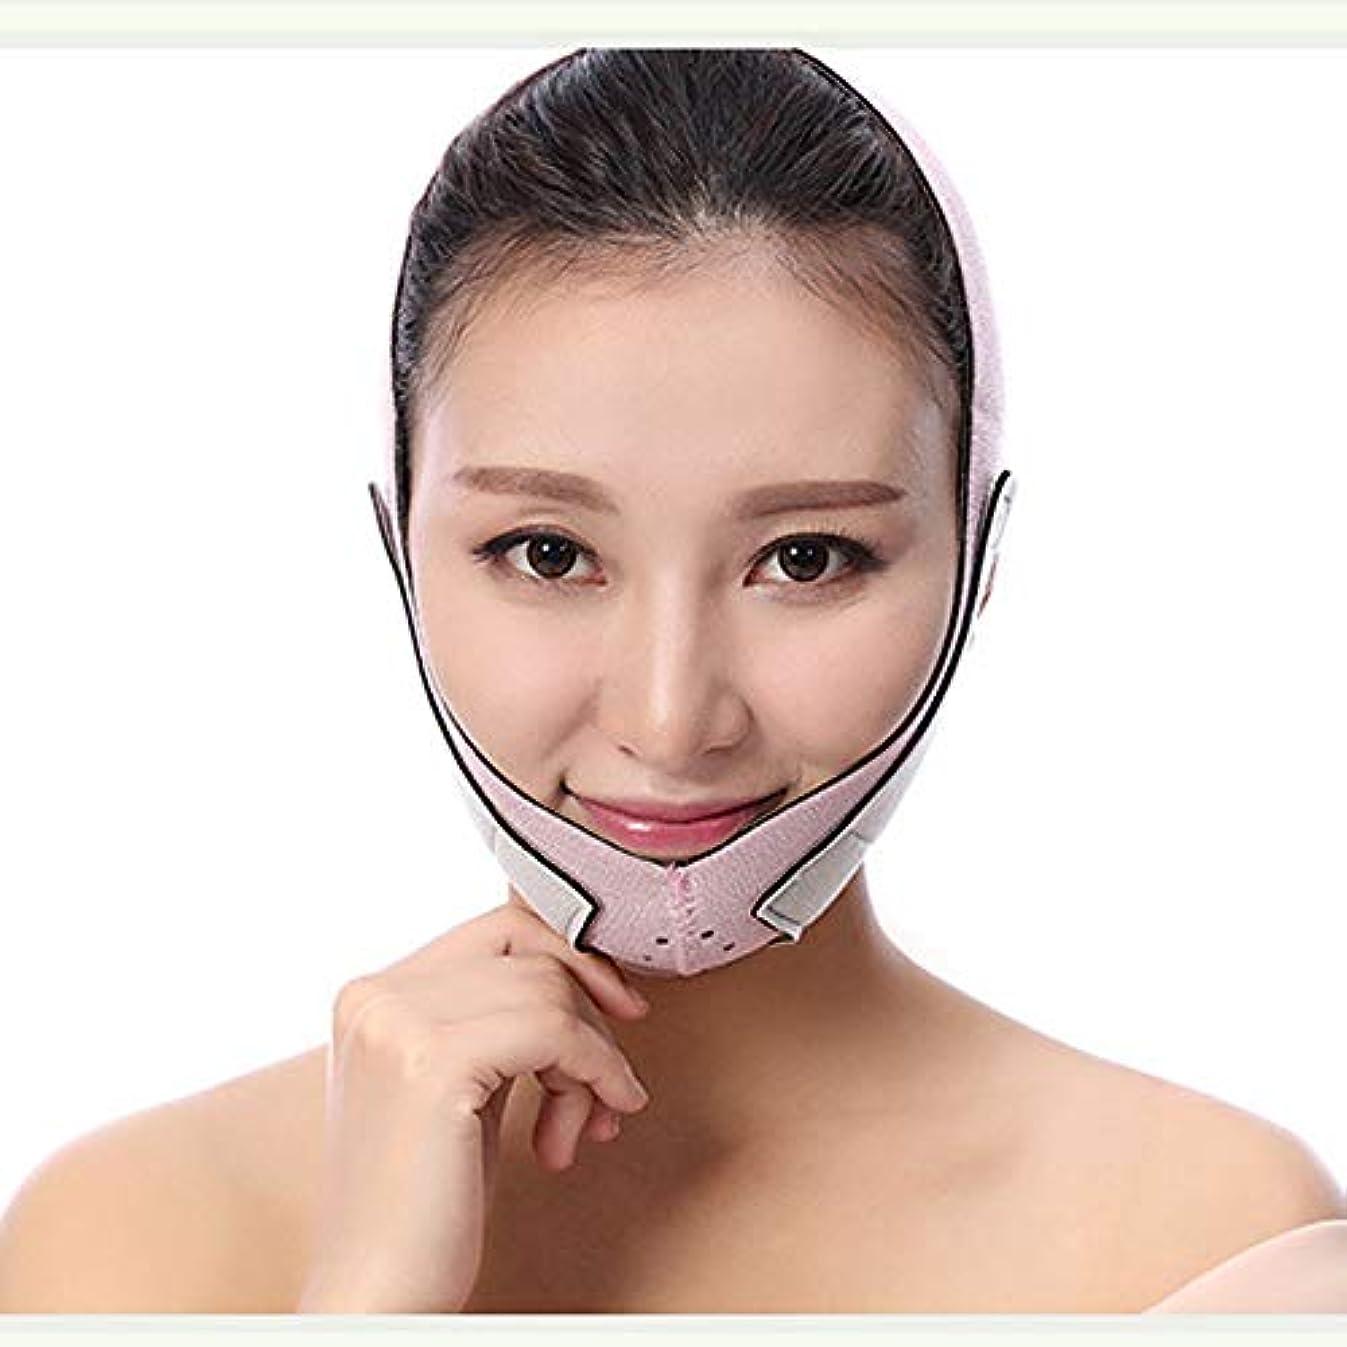 ビーズカナダ性差別ユニセックス薄型フェイス包帯、美容リフト引き締めサイズVフェイスダブルあご睡眠マスク(ピンク)